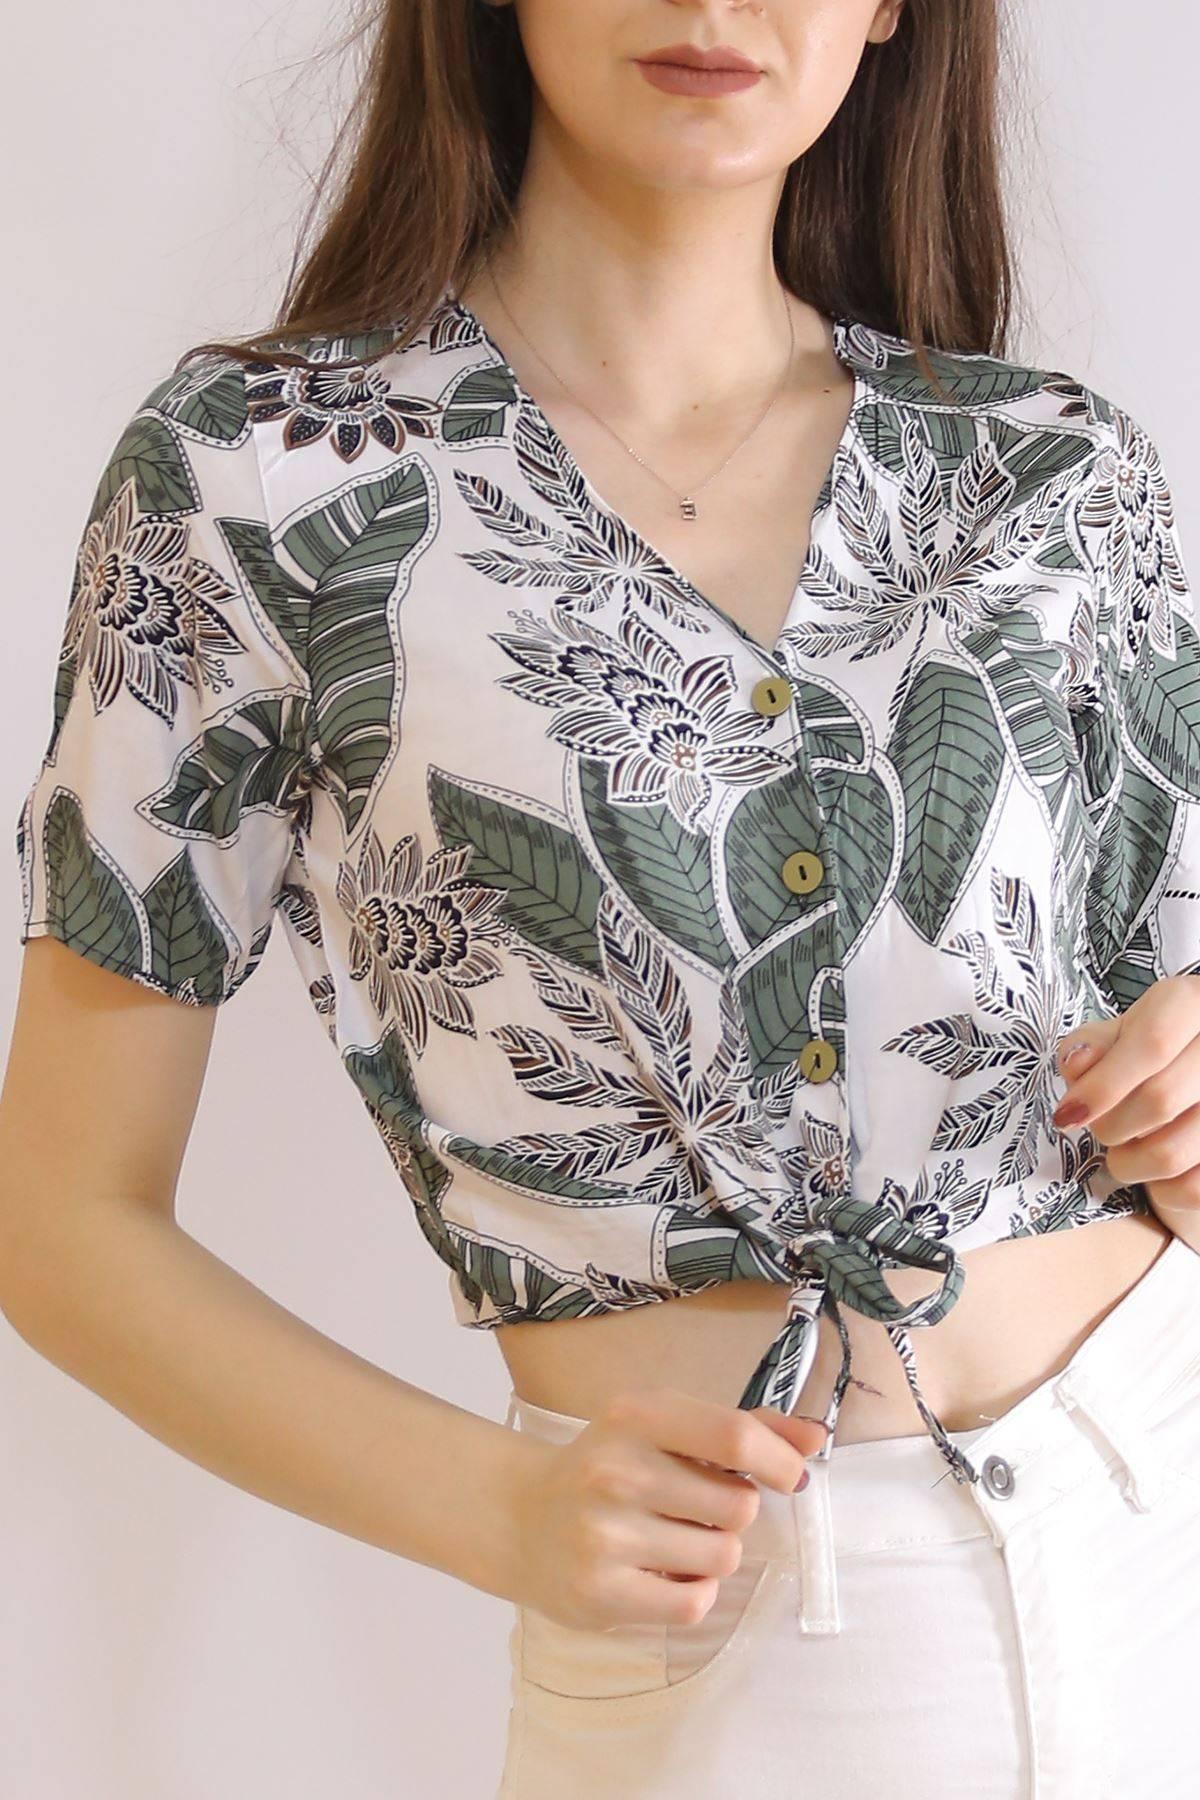 Altı Bağlamalı Bluz Yeşilyapraklı - 5835.1153.